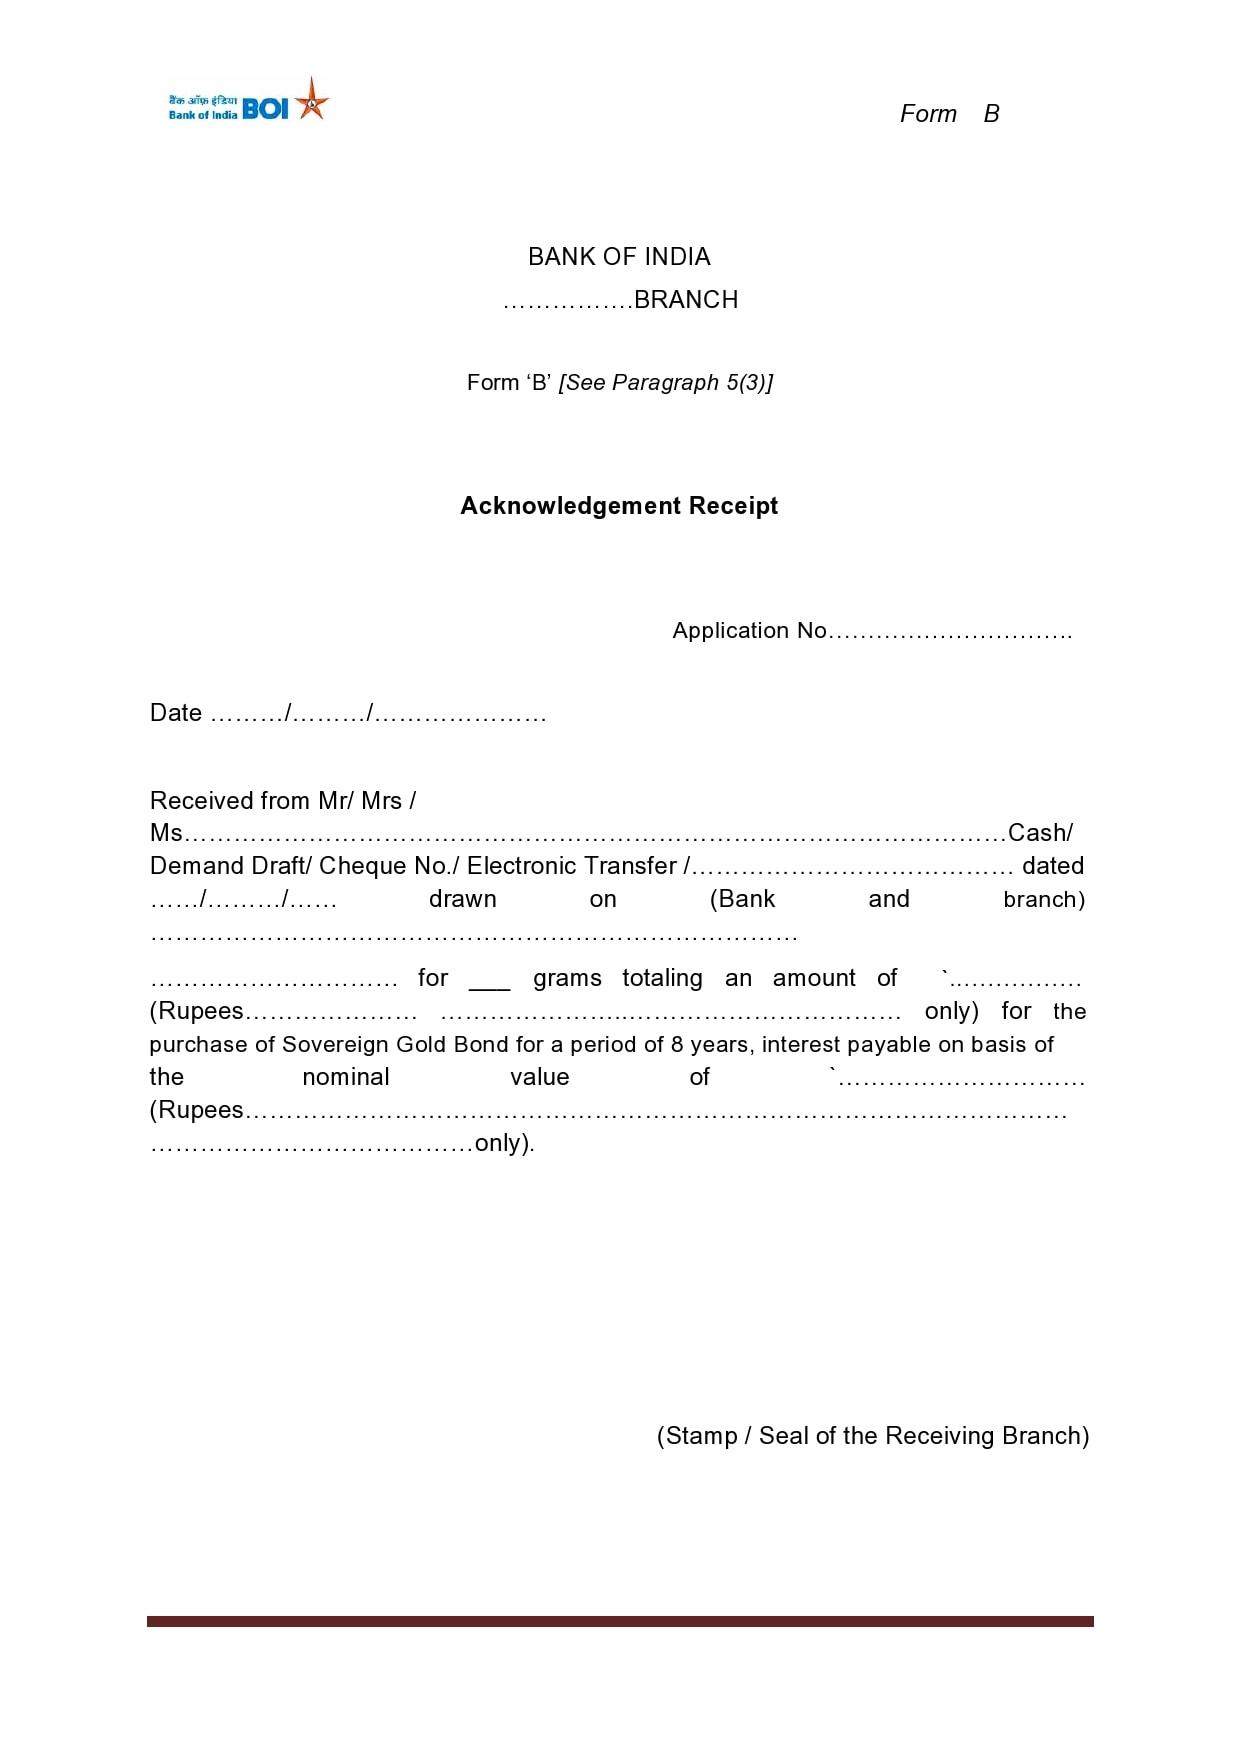 acknowledgement receipt 17